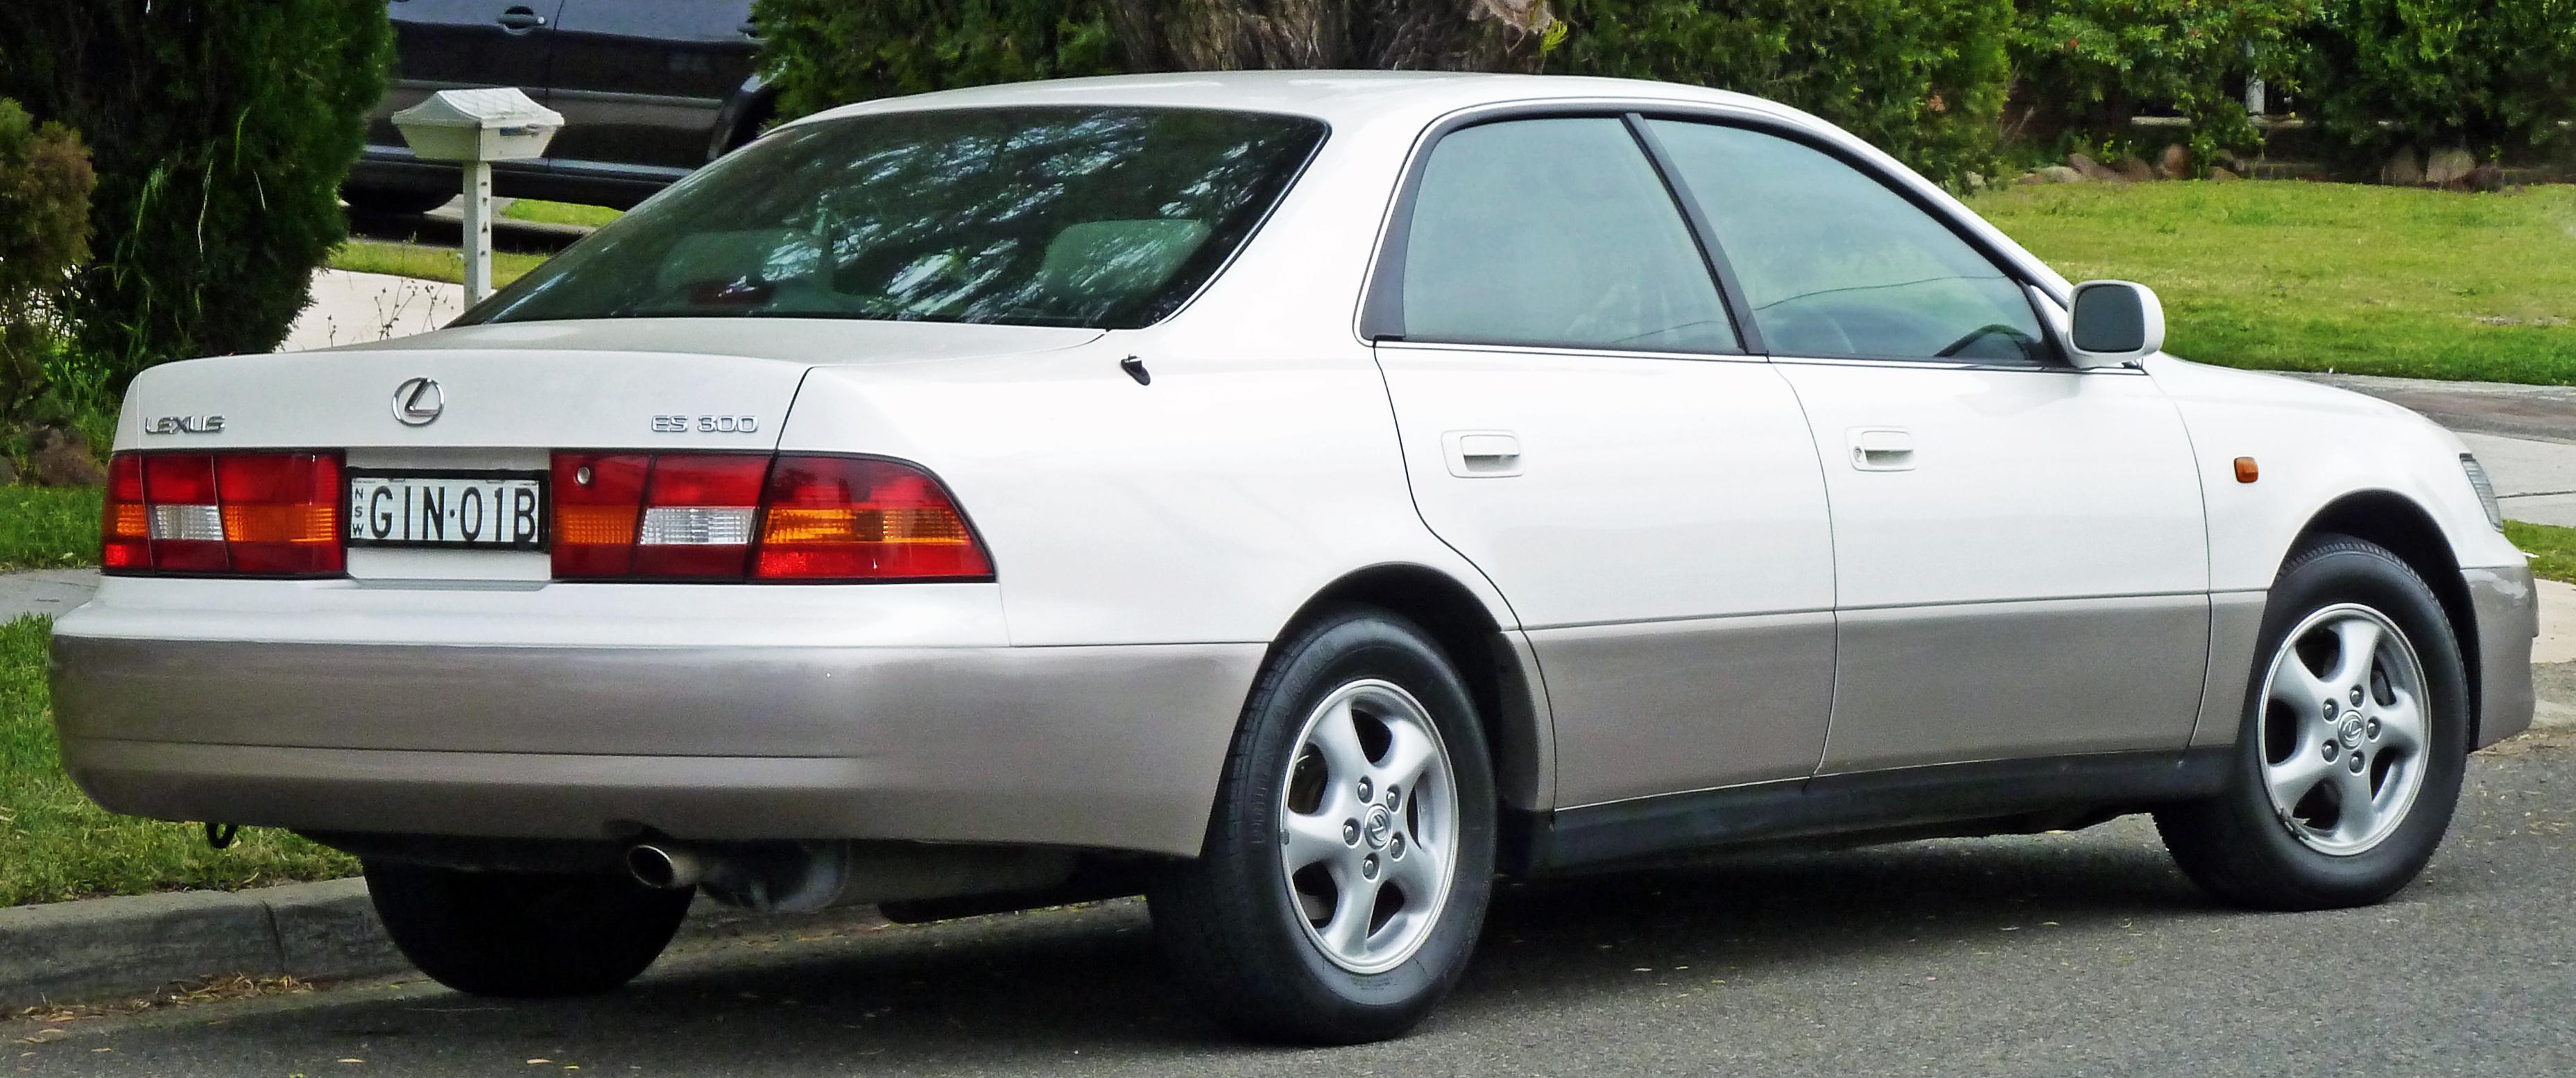 Lexus 300 1999